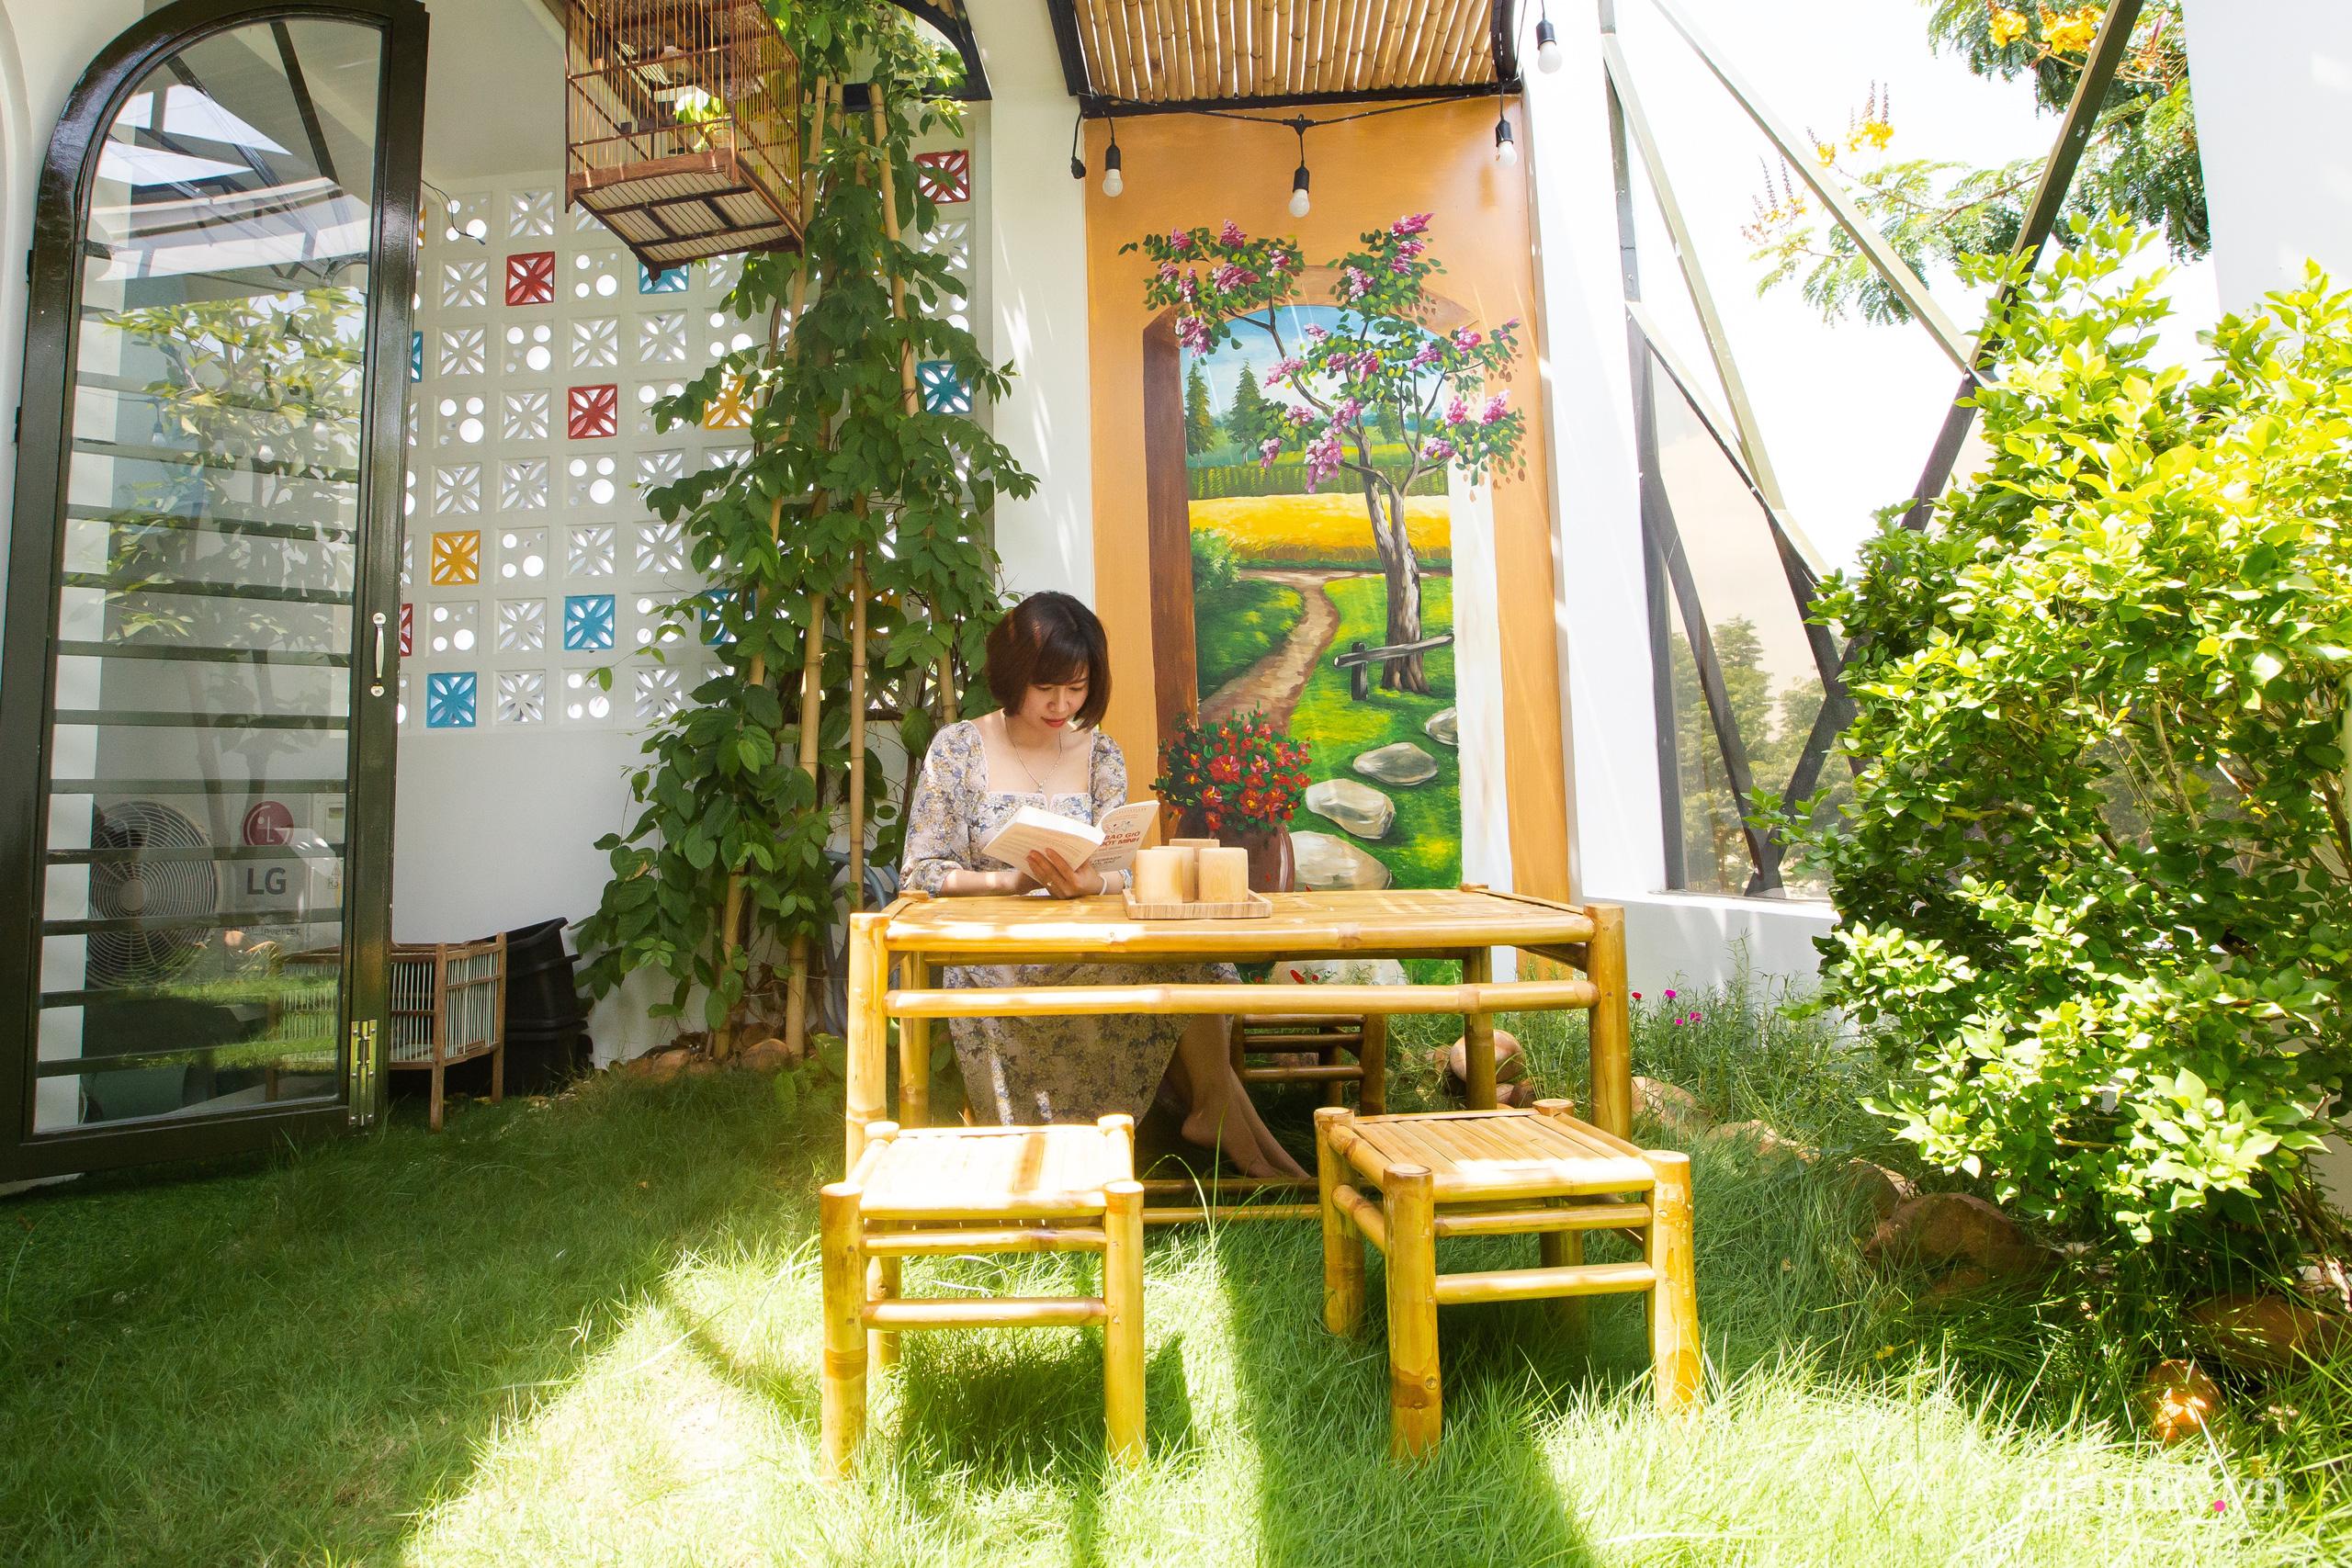 Chồng xây tặng vợ con ngôi nhà ấm cúng với sắc trắng vàng cùng cây xanh và ánh sáng ngập tràn ở Đà Nẵng sau 10 năm ở trọ - Ảnh 18.